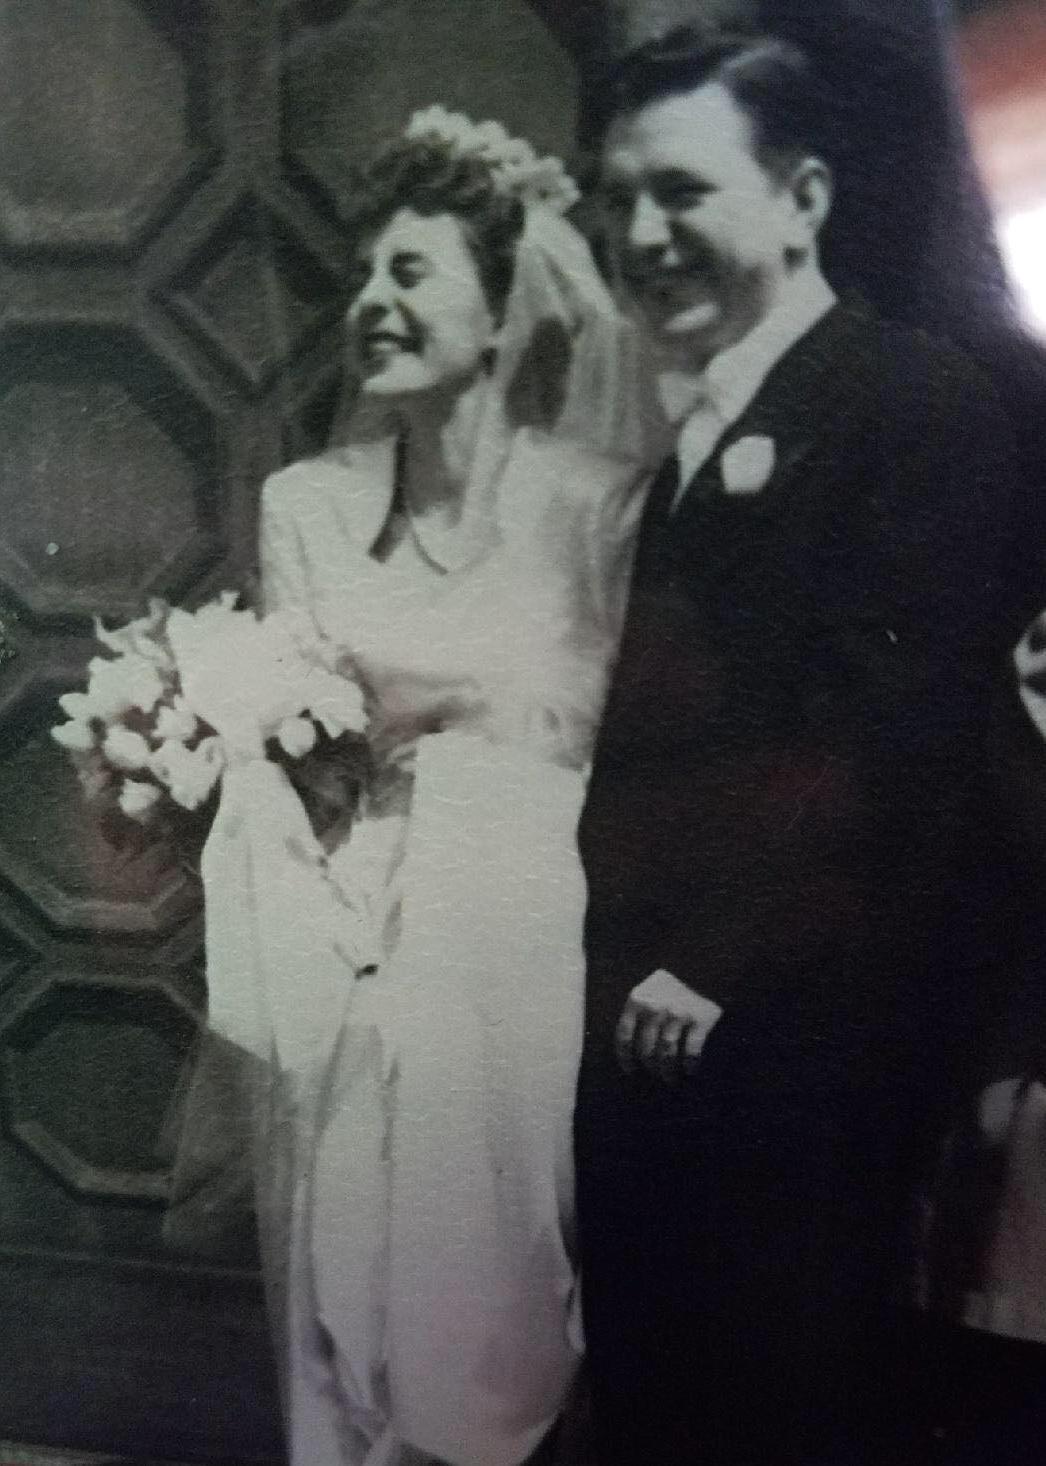 69+year+old+wedding+dress